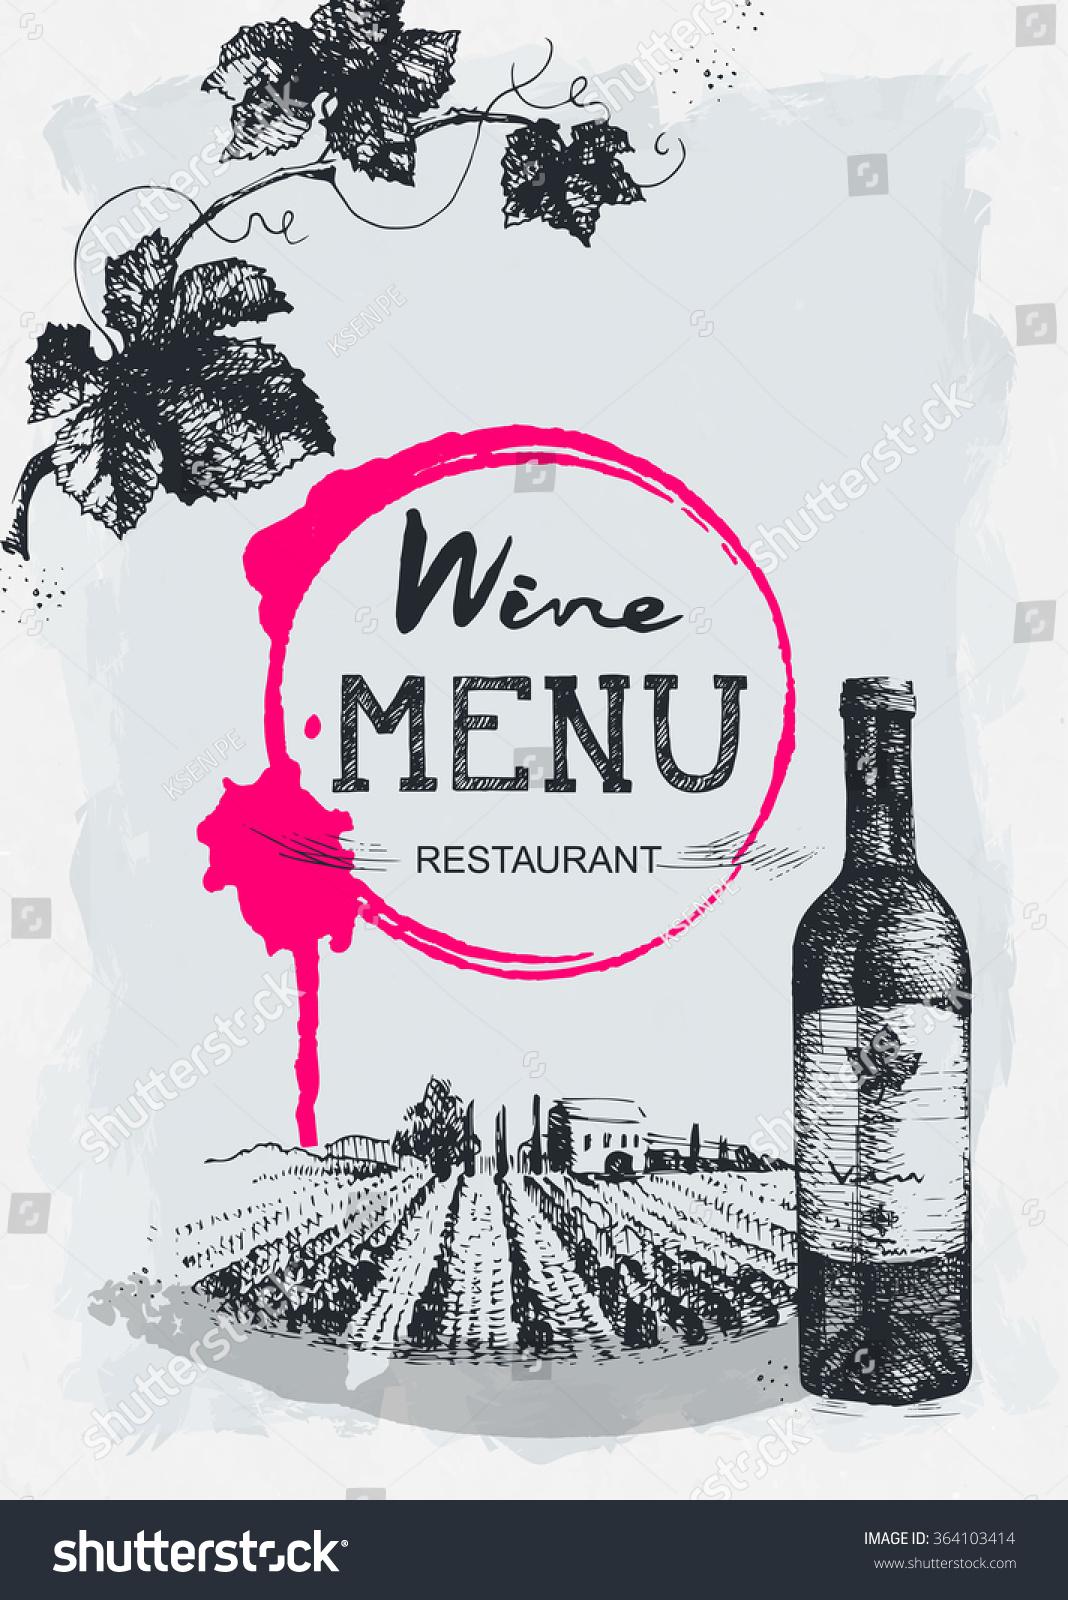 wine brochure template - wine menu restaurant brochure wine design stock vector